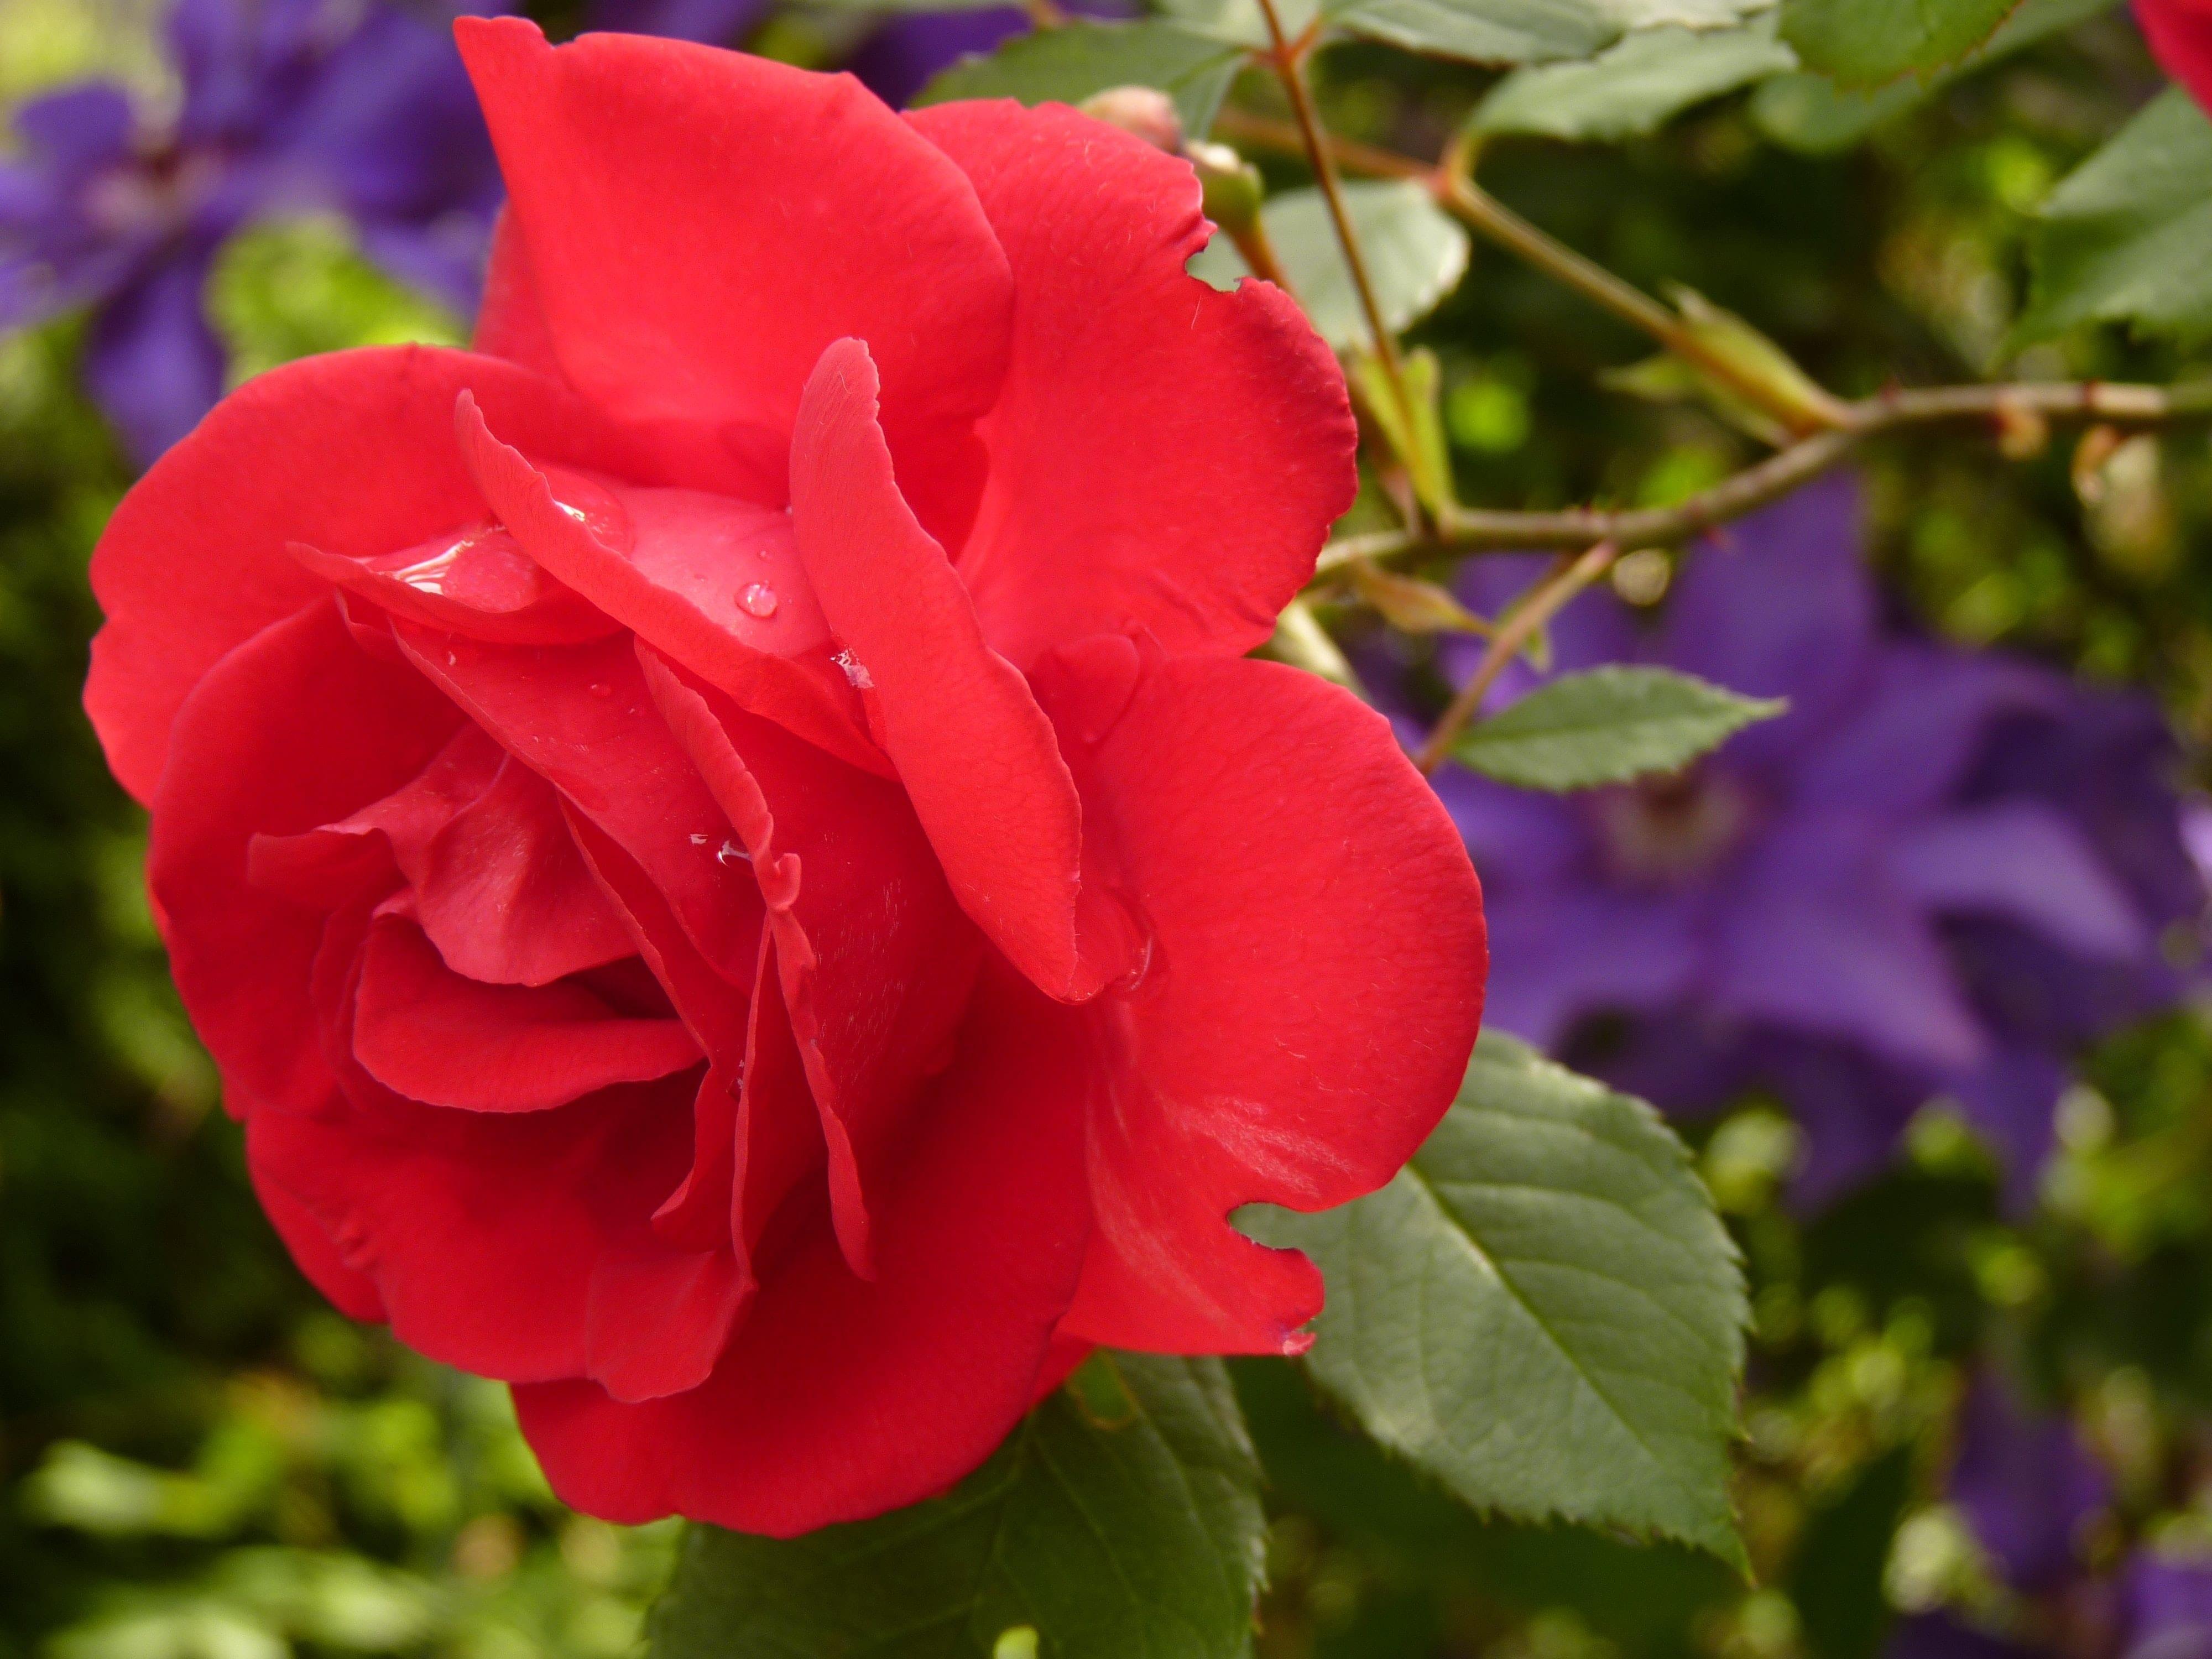 Ingin Memberikan Bunga Di Hari Valentine Ketahui Dulu Makna Dan Simbolnya Yooreka Id